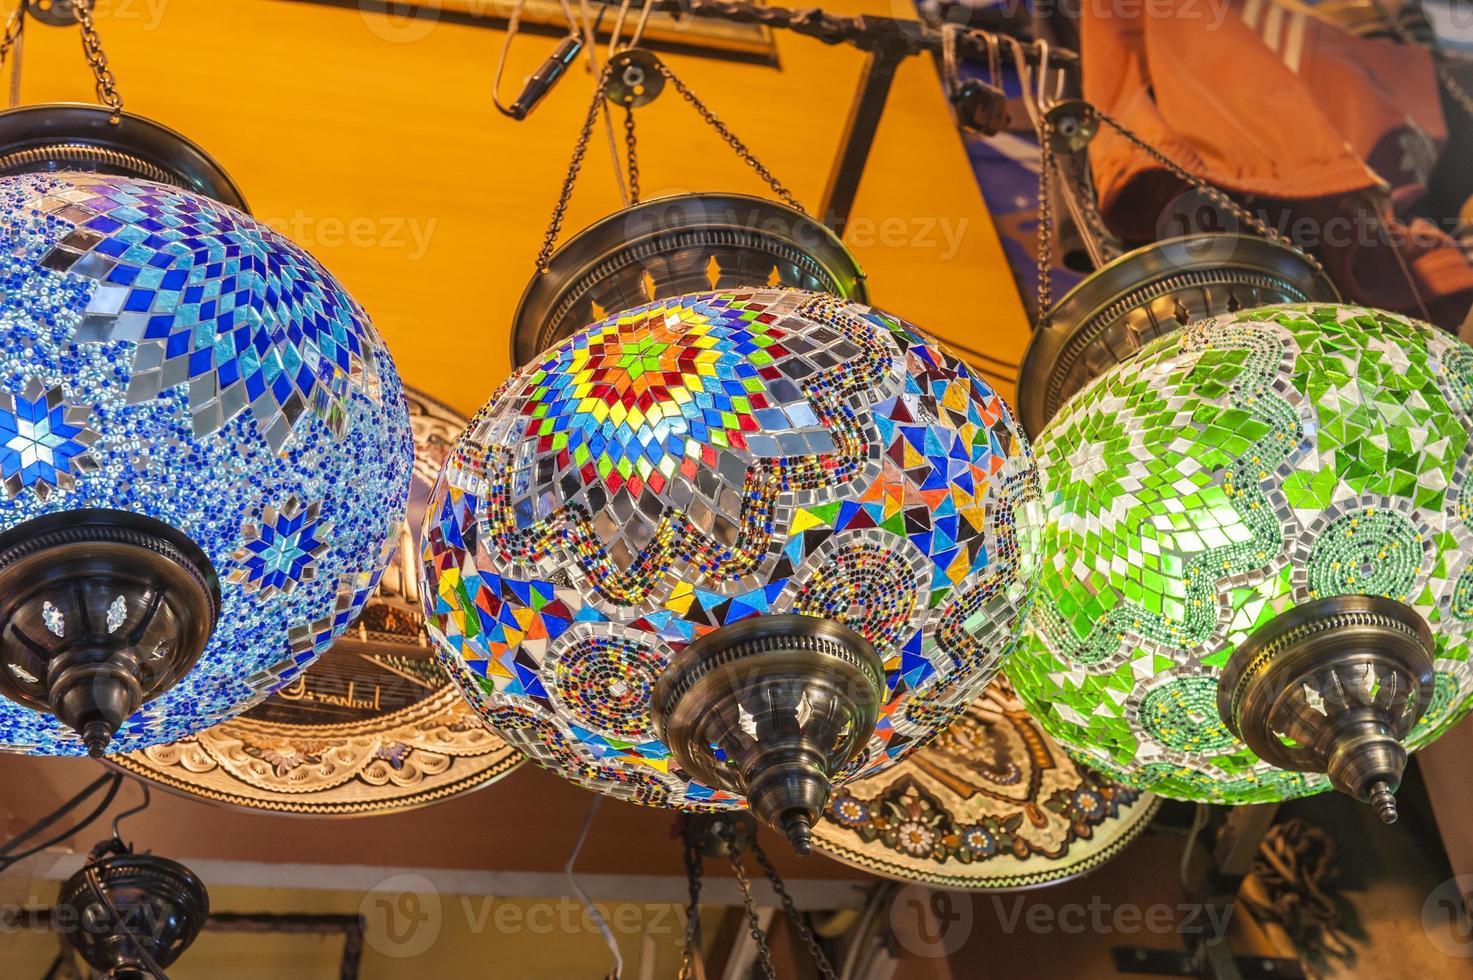 verzierte Lampen hängen auf einem Markt foto